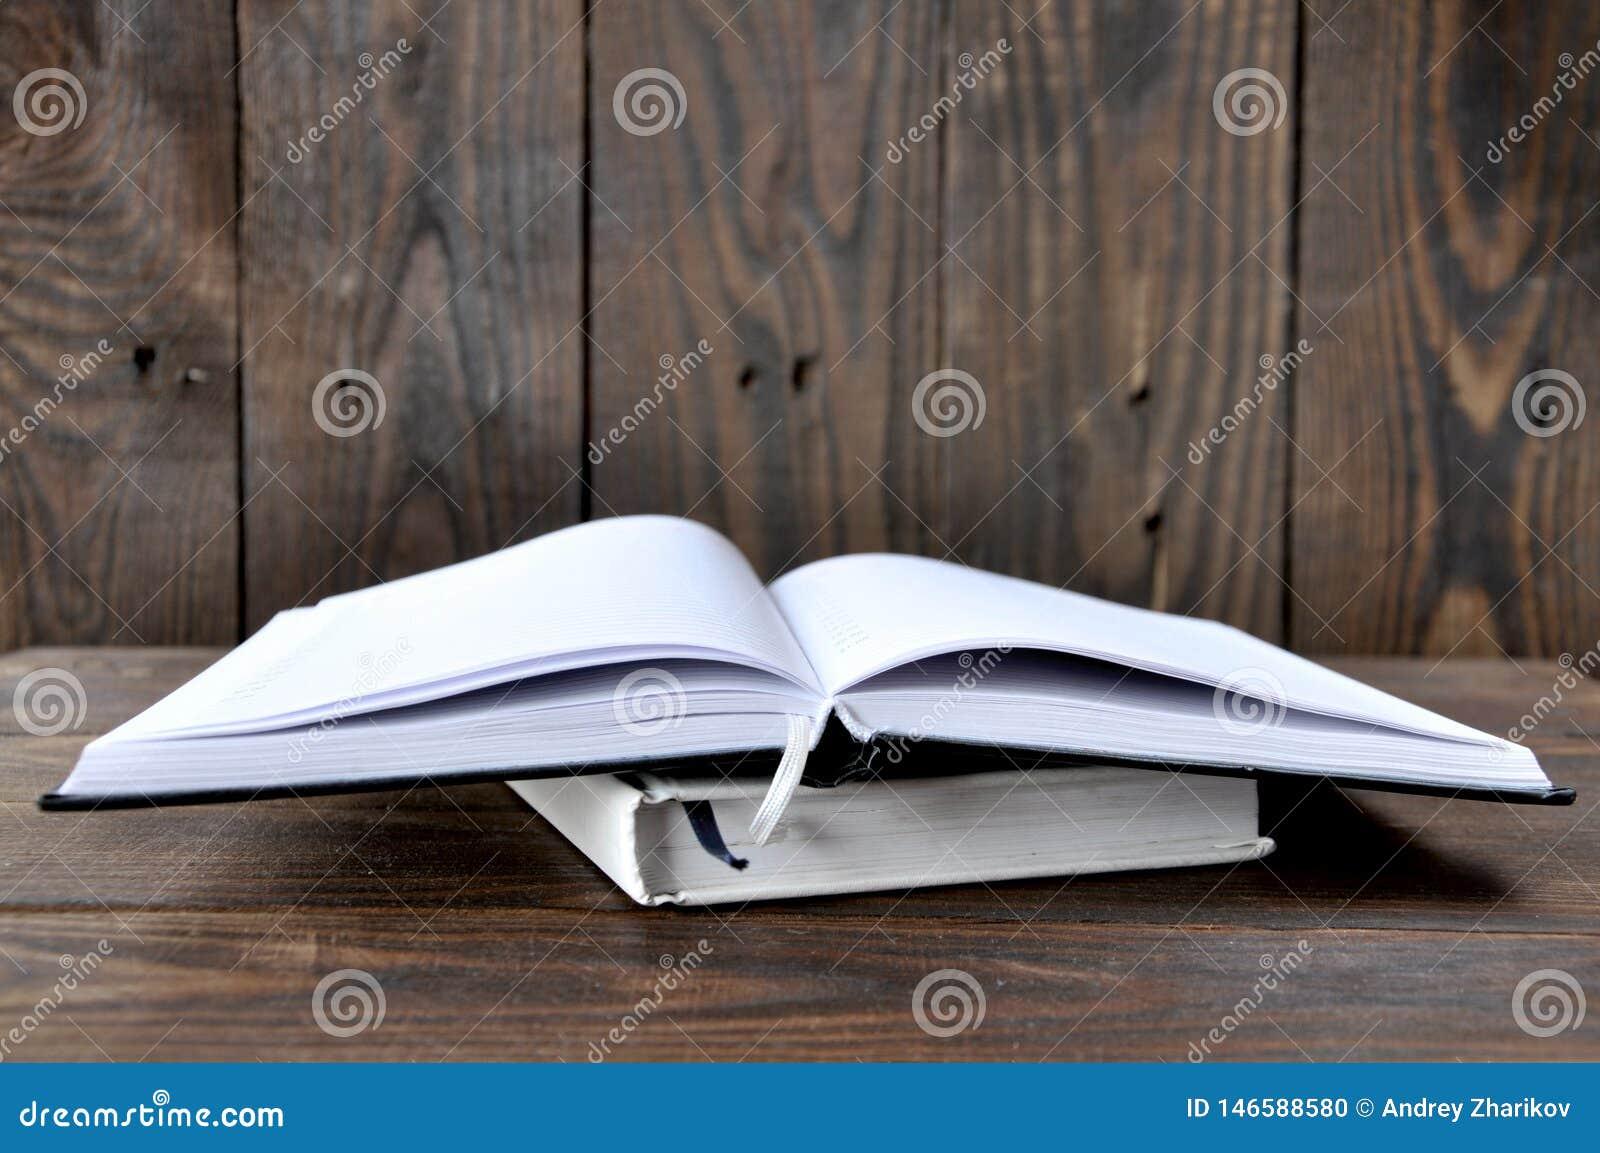 Ένα ανοικτό βιβλίο ή ένα σημειωματάριο βρίσκεται σε έναν ξύλινο πίνακα